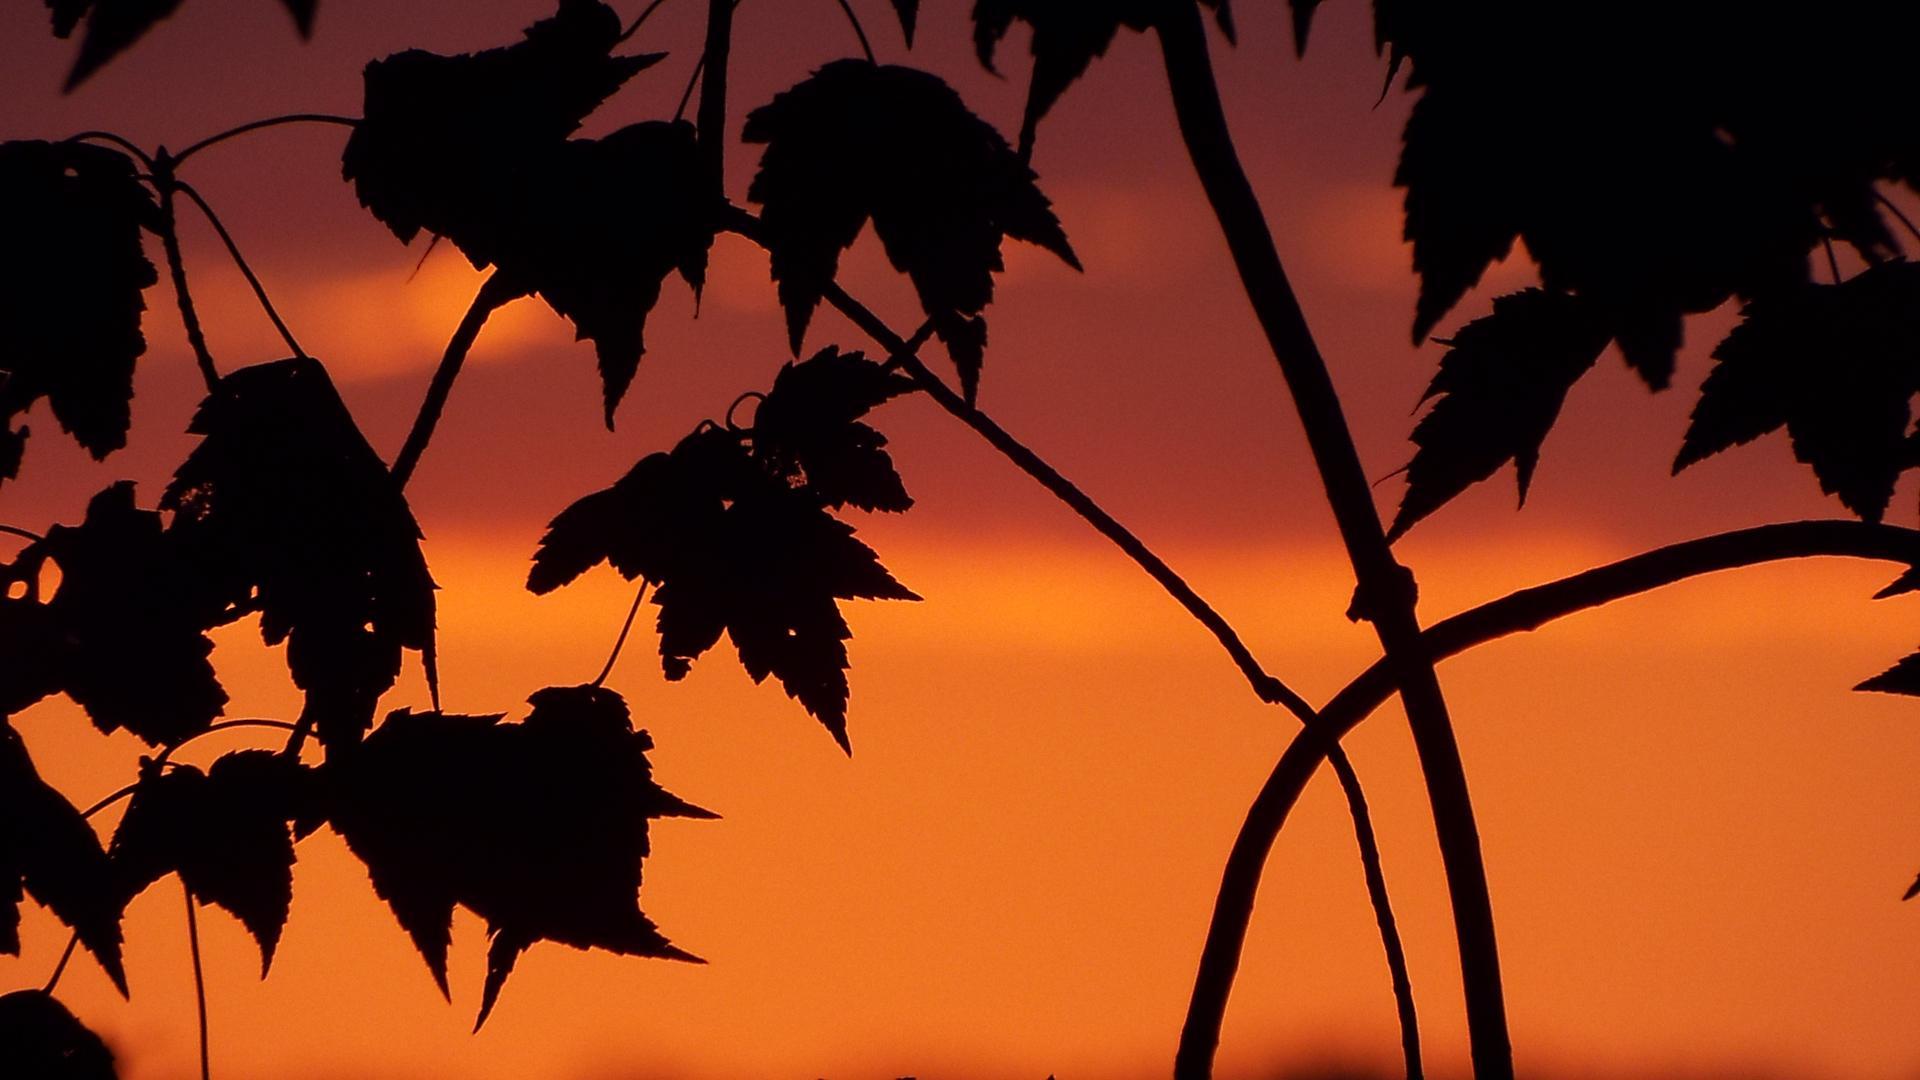 Lisa leaf gallery image